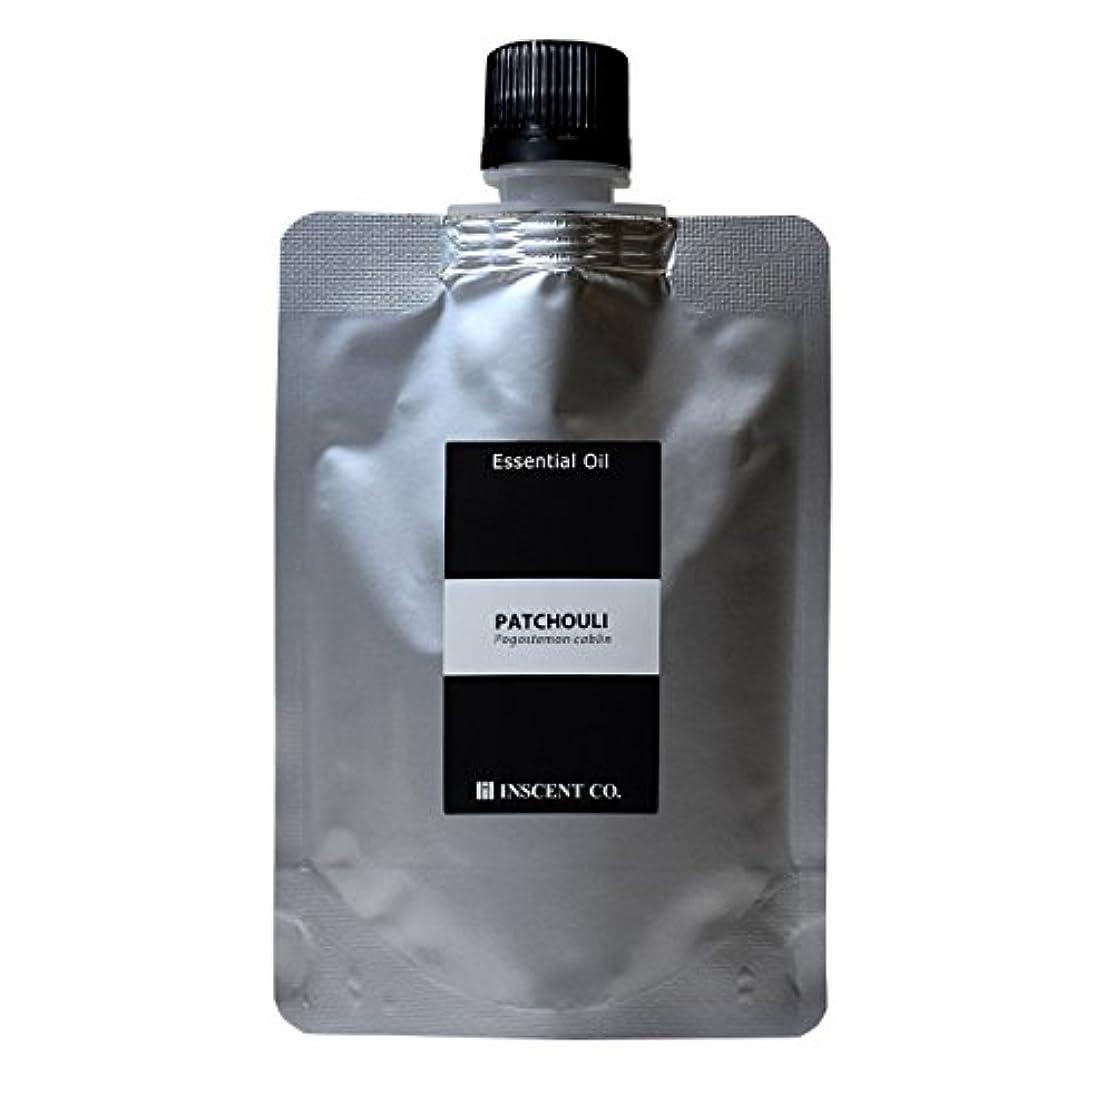 思いつく消費するマトン(詰替用 アルミパック) パチュリ (パチョリ) 50ml インセント アロマオイル AEAJ 表示基準適合認定精油